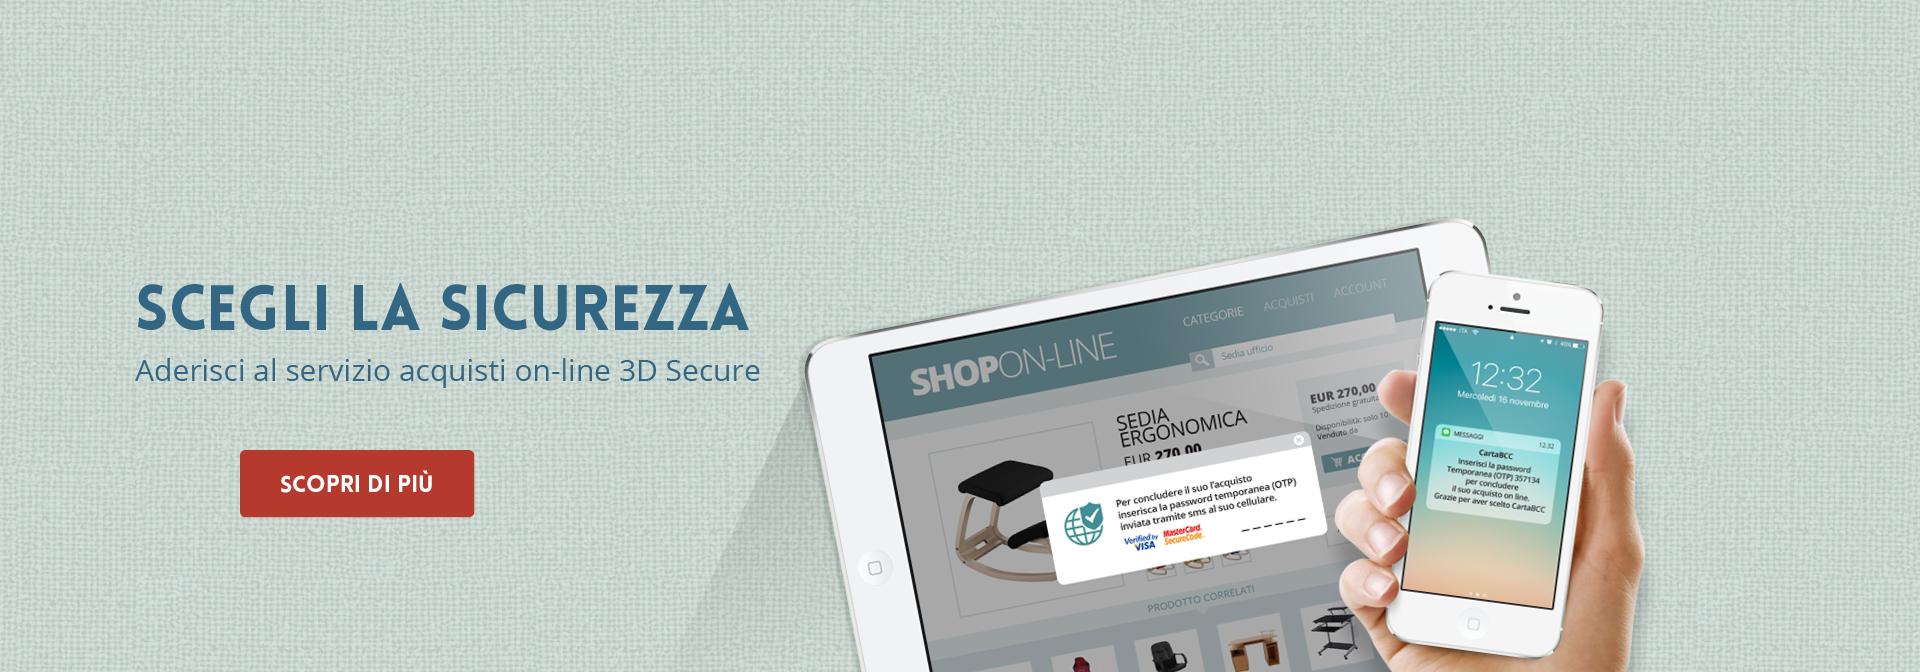 Acquisti Online 3D Secure